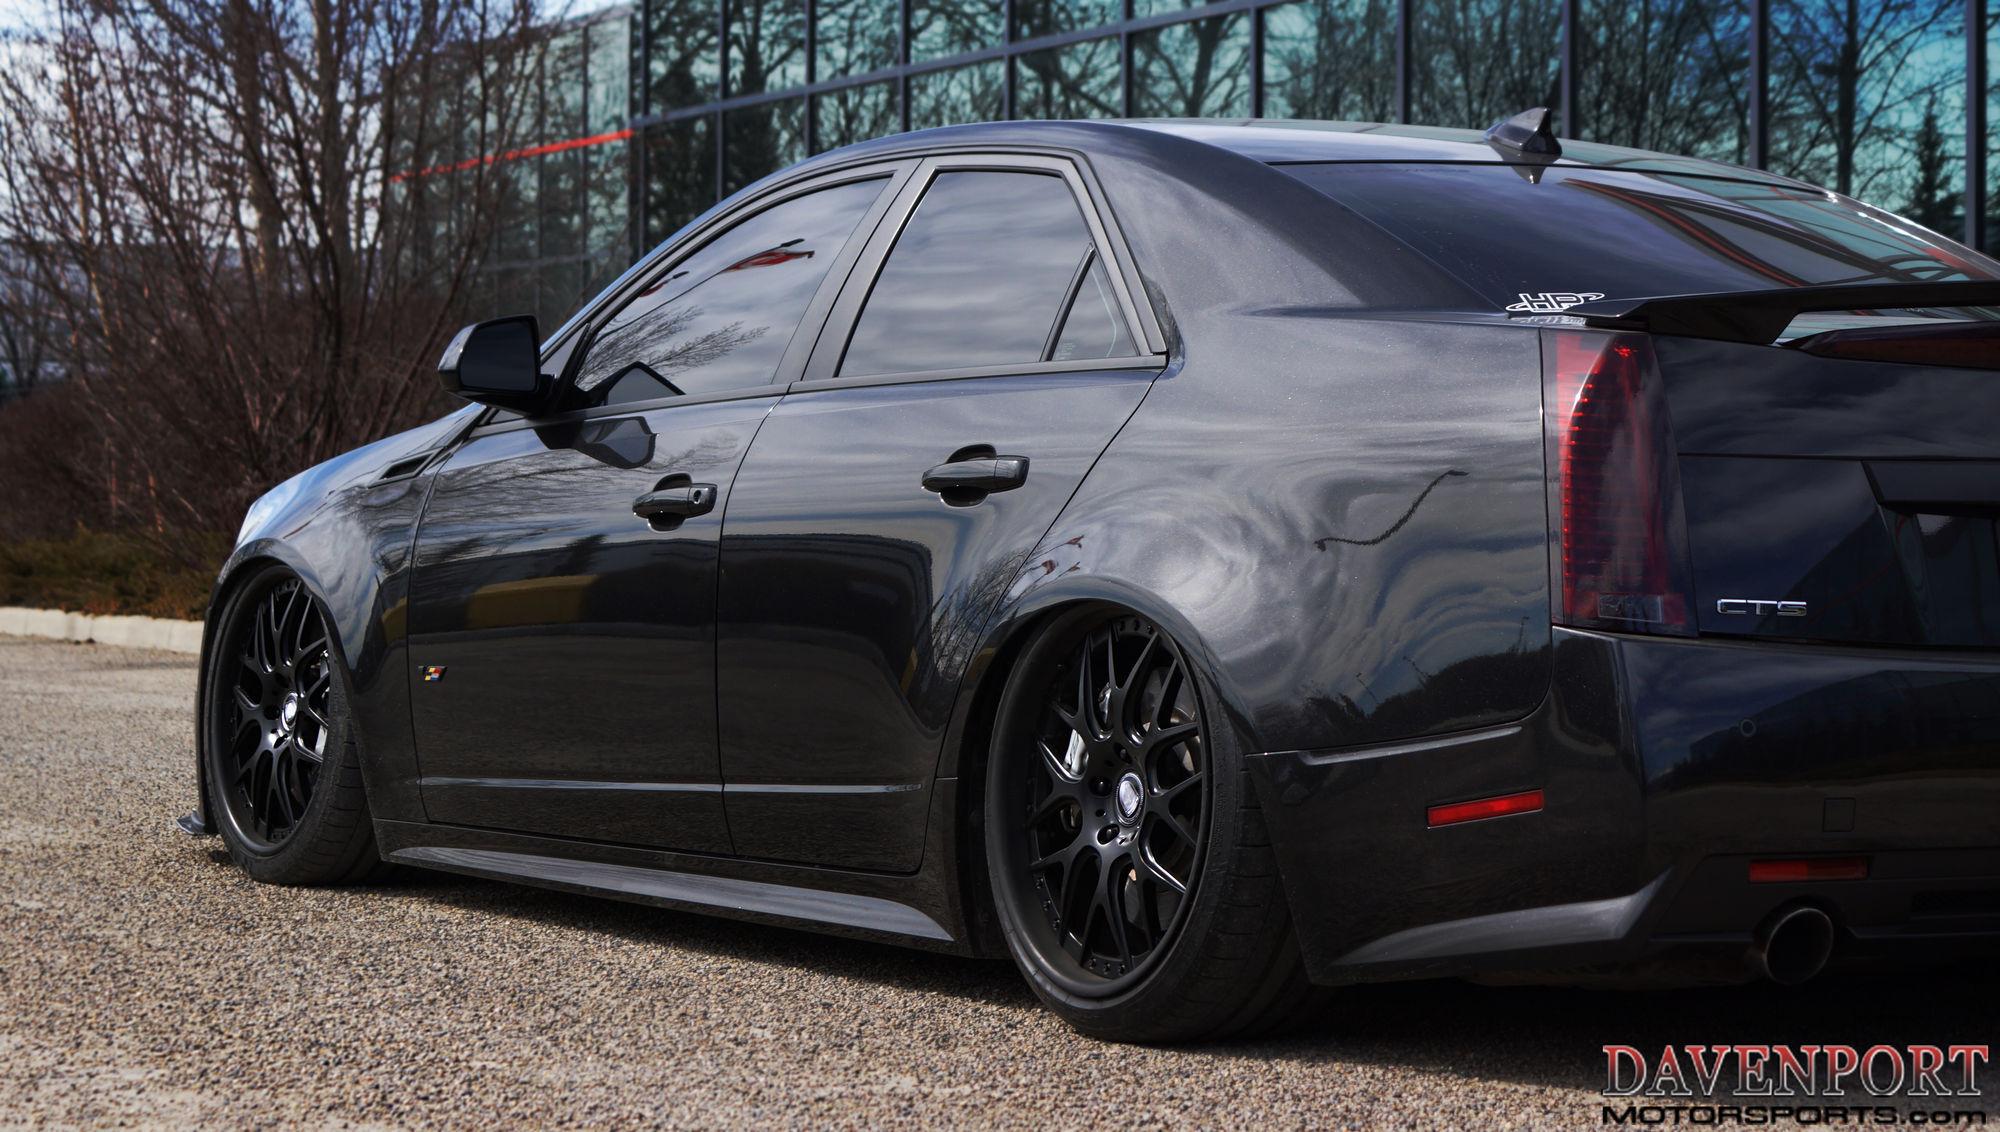 2013 Cadillac CTS-V | ANGRY V